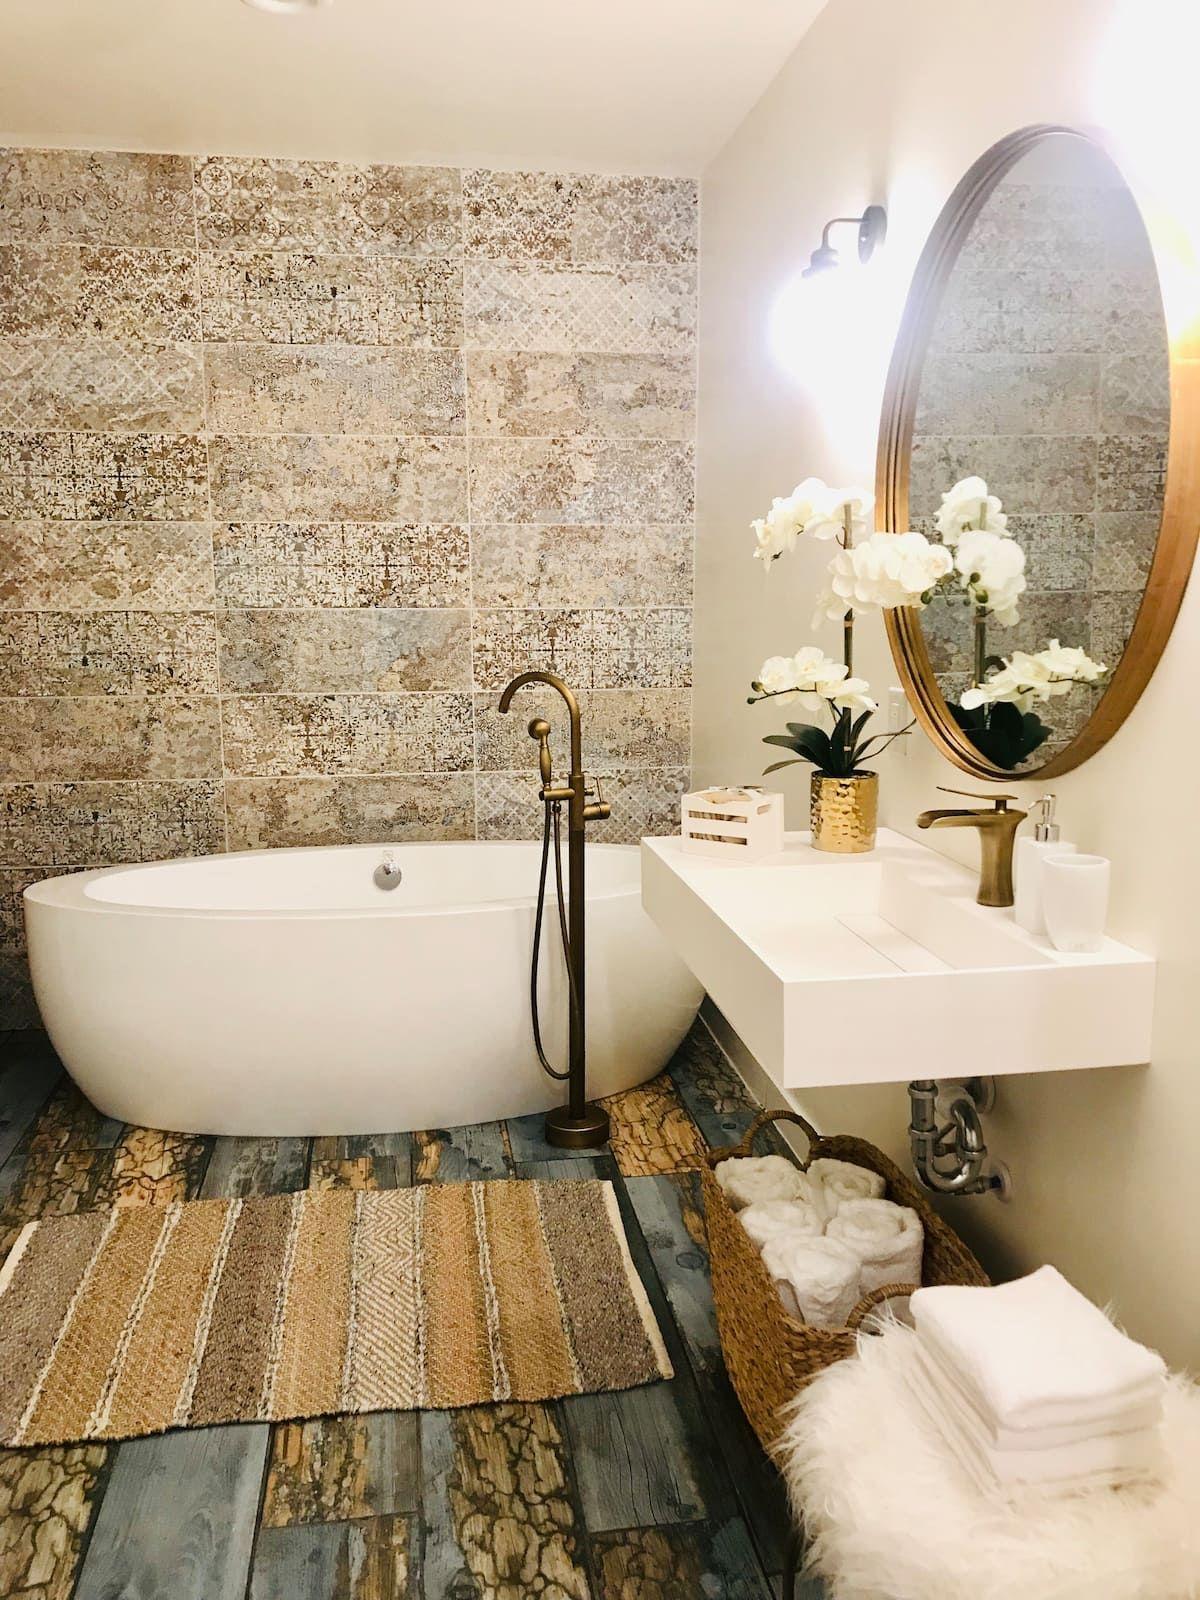 Luxury CITY Denver Tiny Hause bathroom